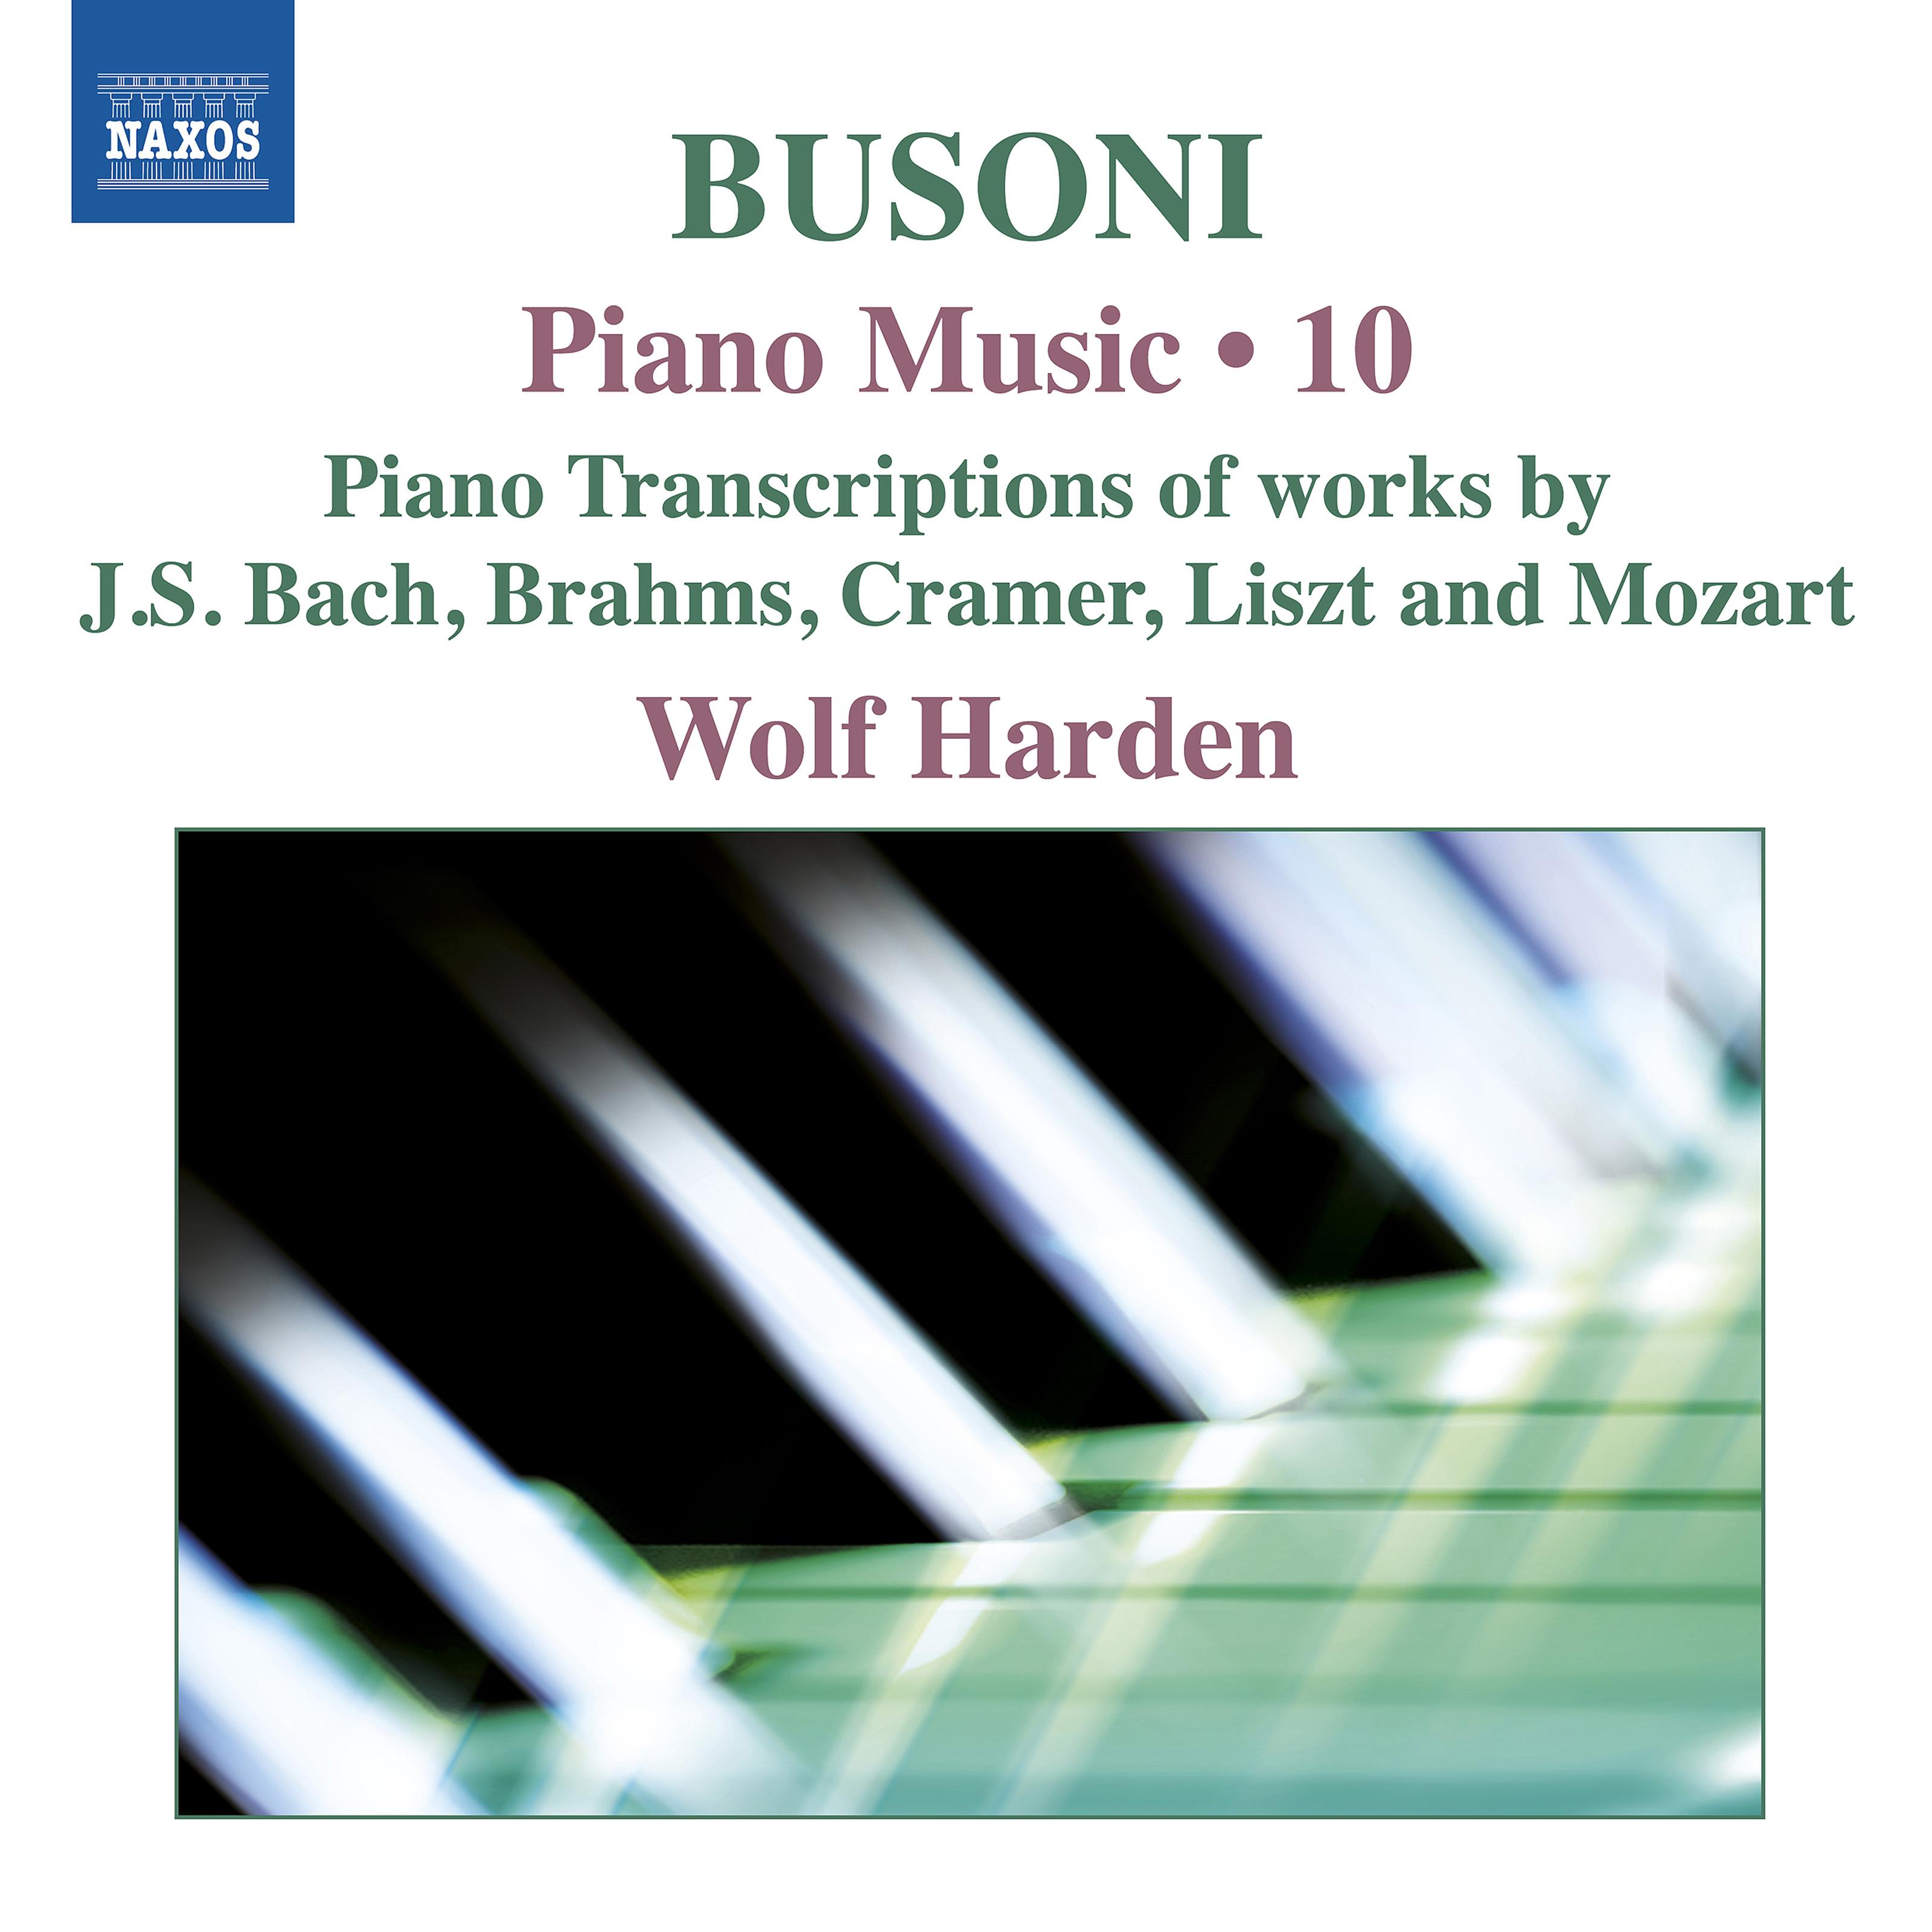 Busoni: Piano Music, Vol  10 Classical Naxos